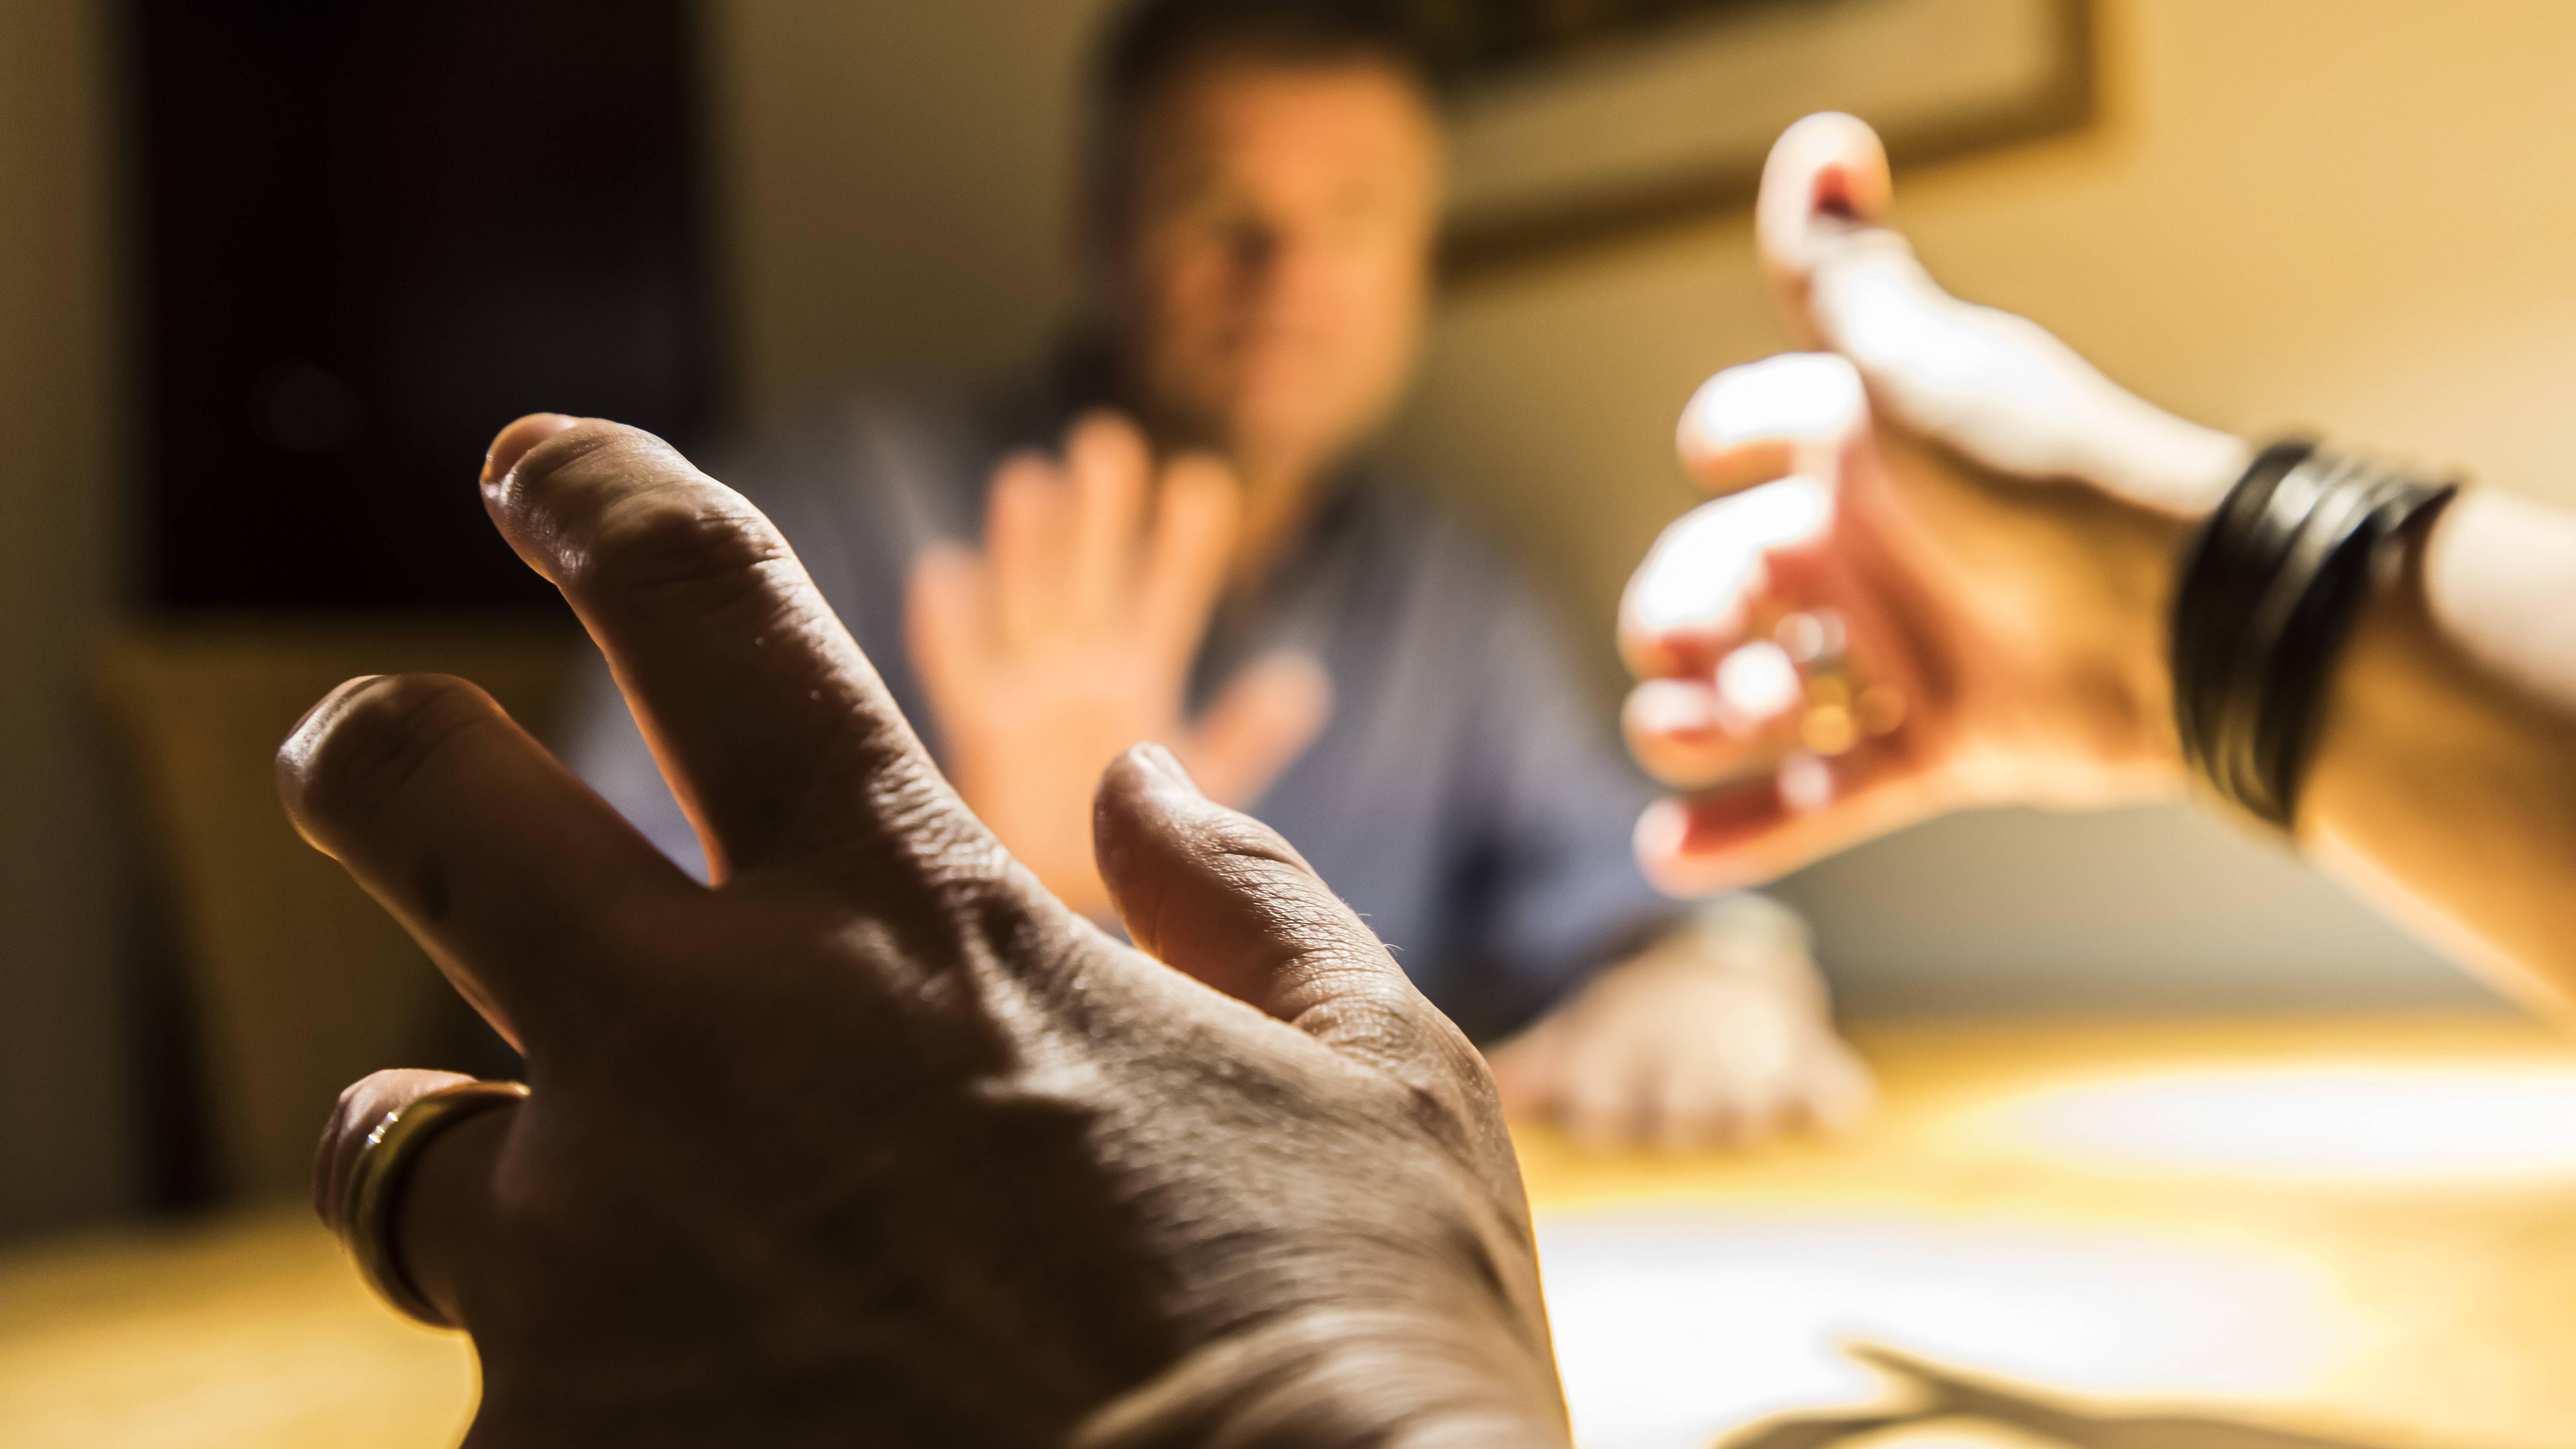 Toxische Männlichkeit: So erkennen Sie das Verhalten in Beziehungen